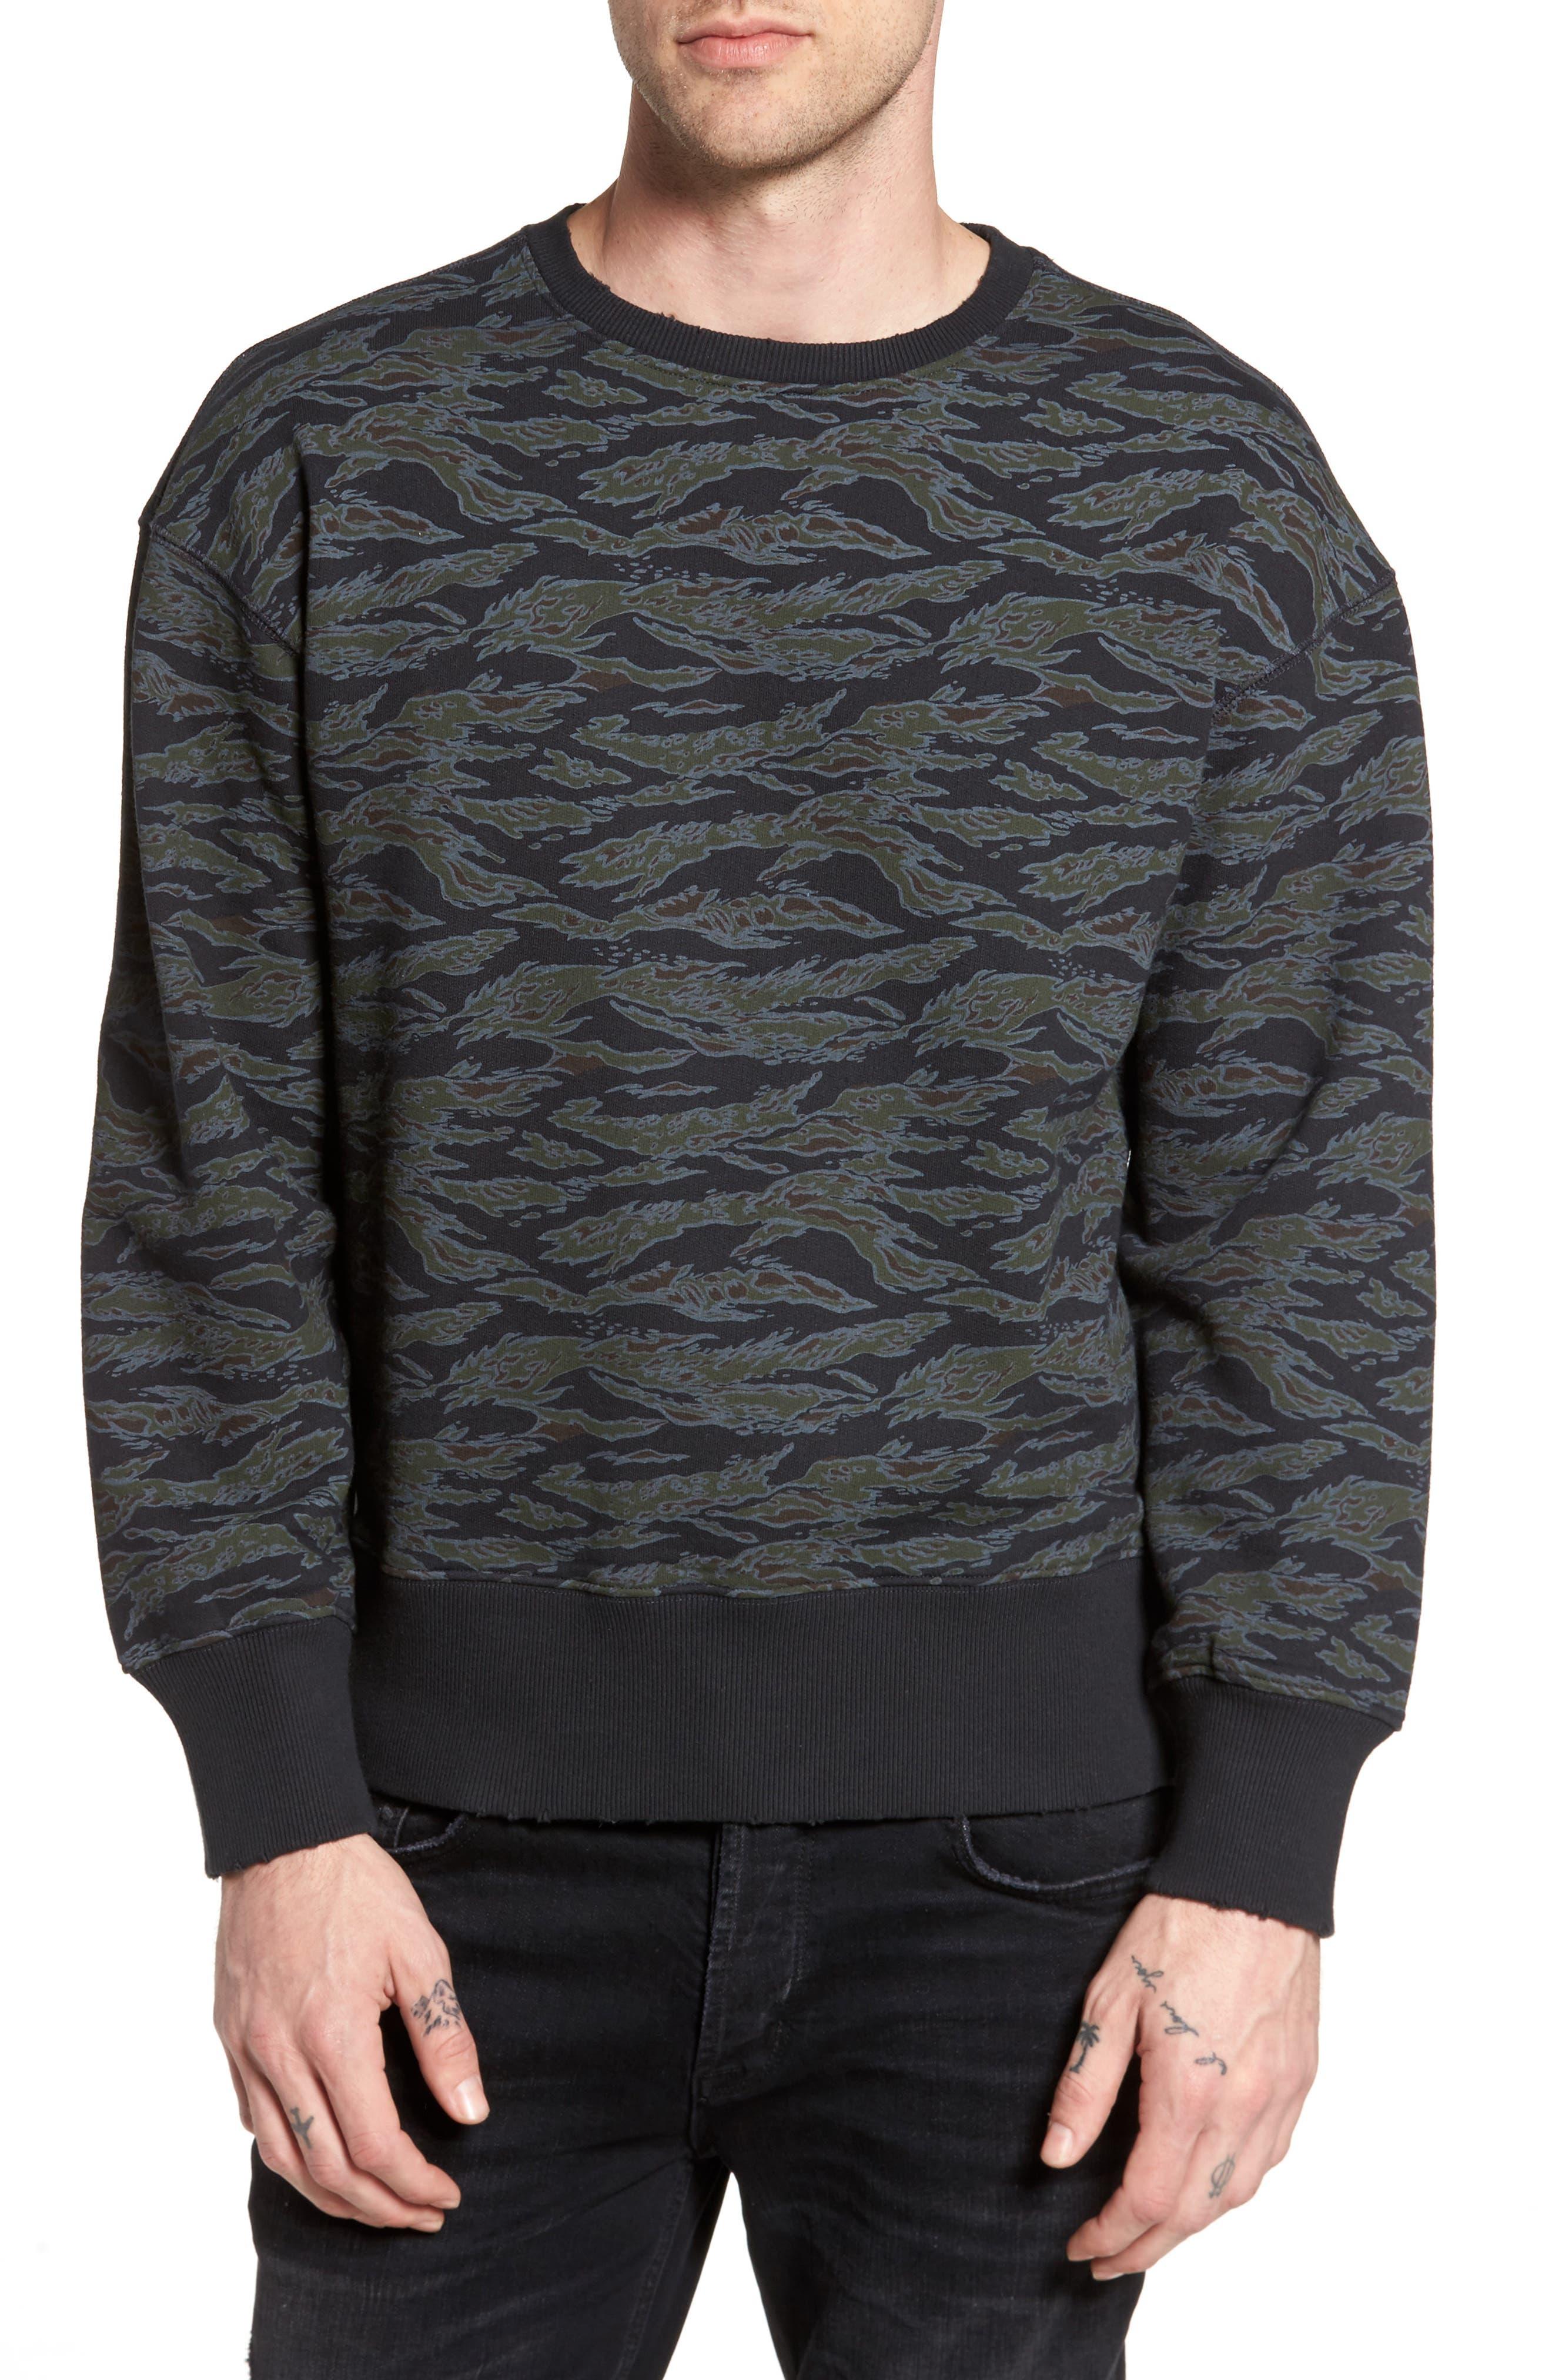 Print Sweatshirt,                         Main,                         color, Navy- Black Tiger Camo